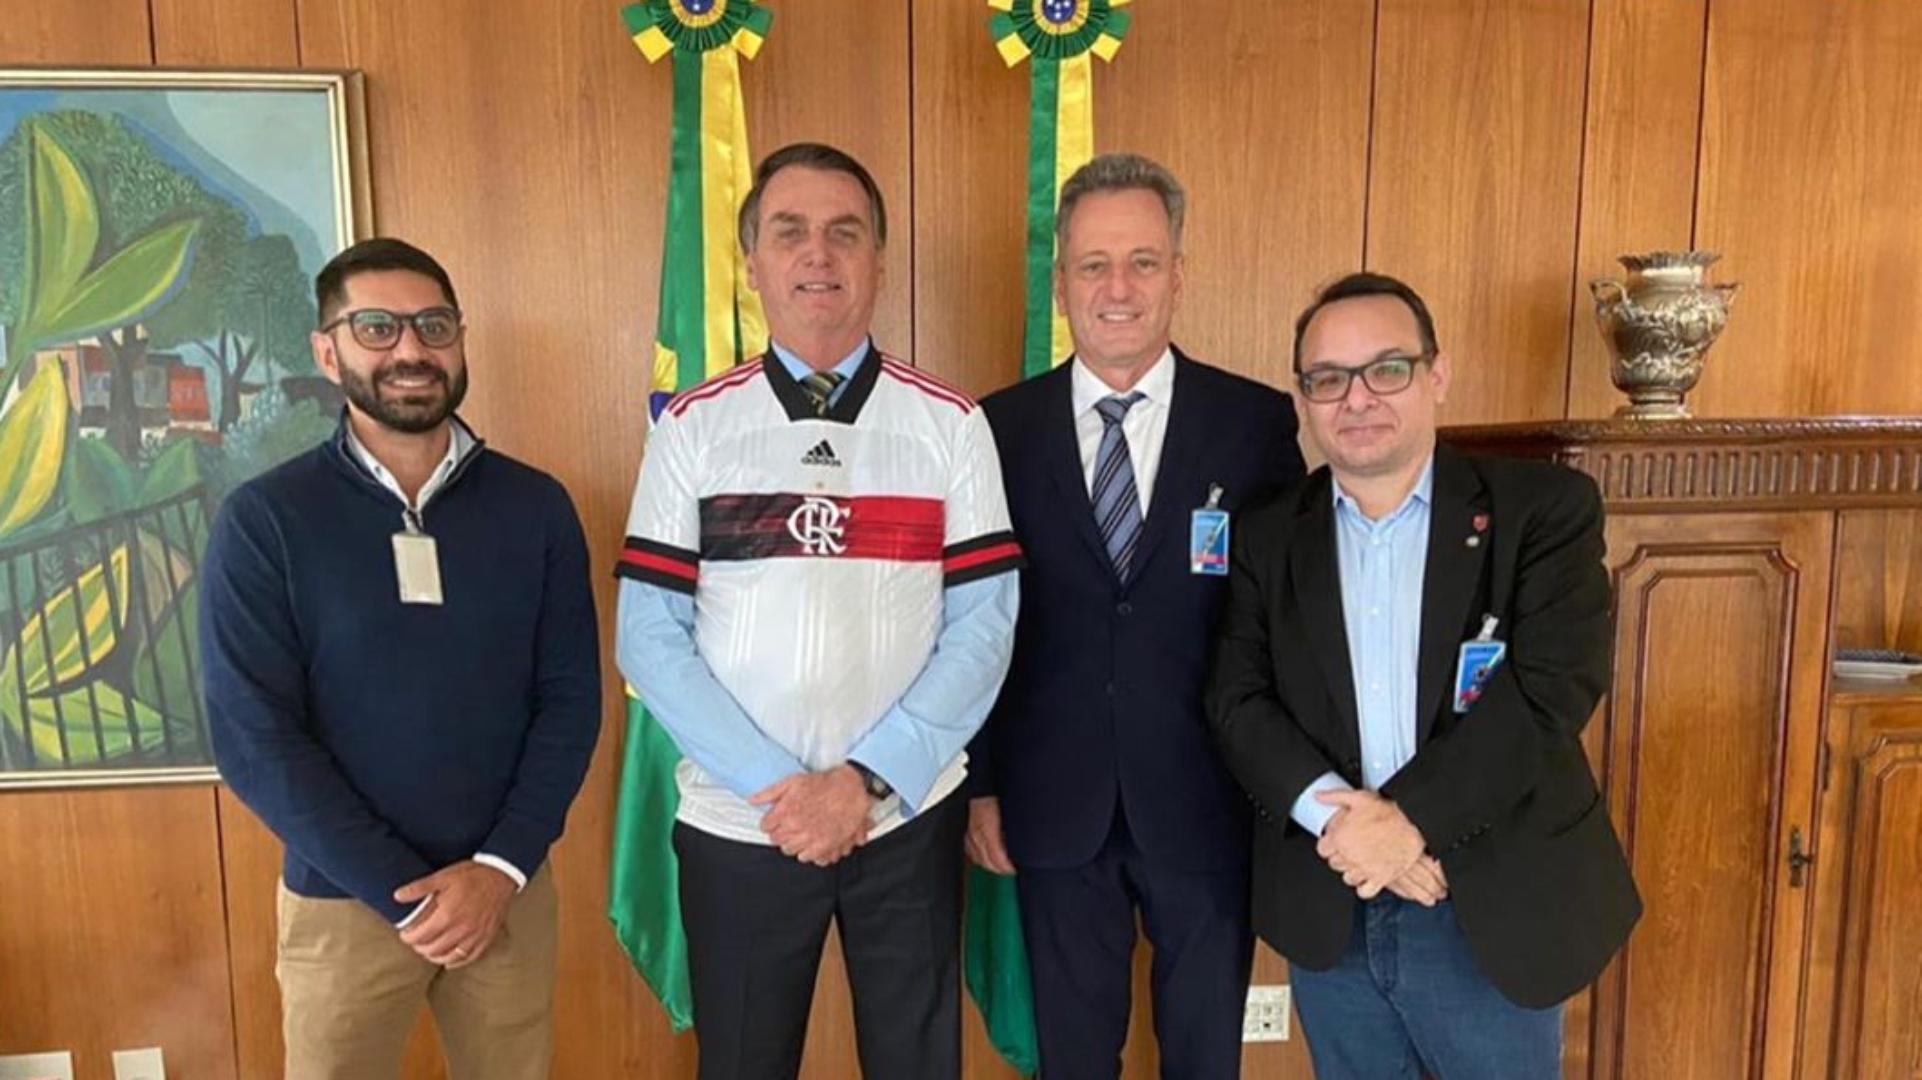 Landim explica encontro com Bolsonaro, fala em 'intolerância ...